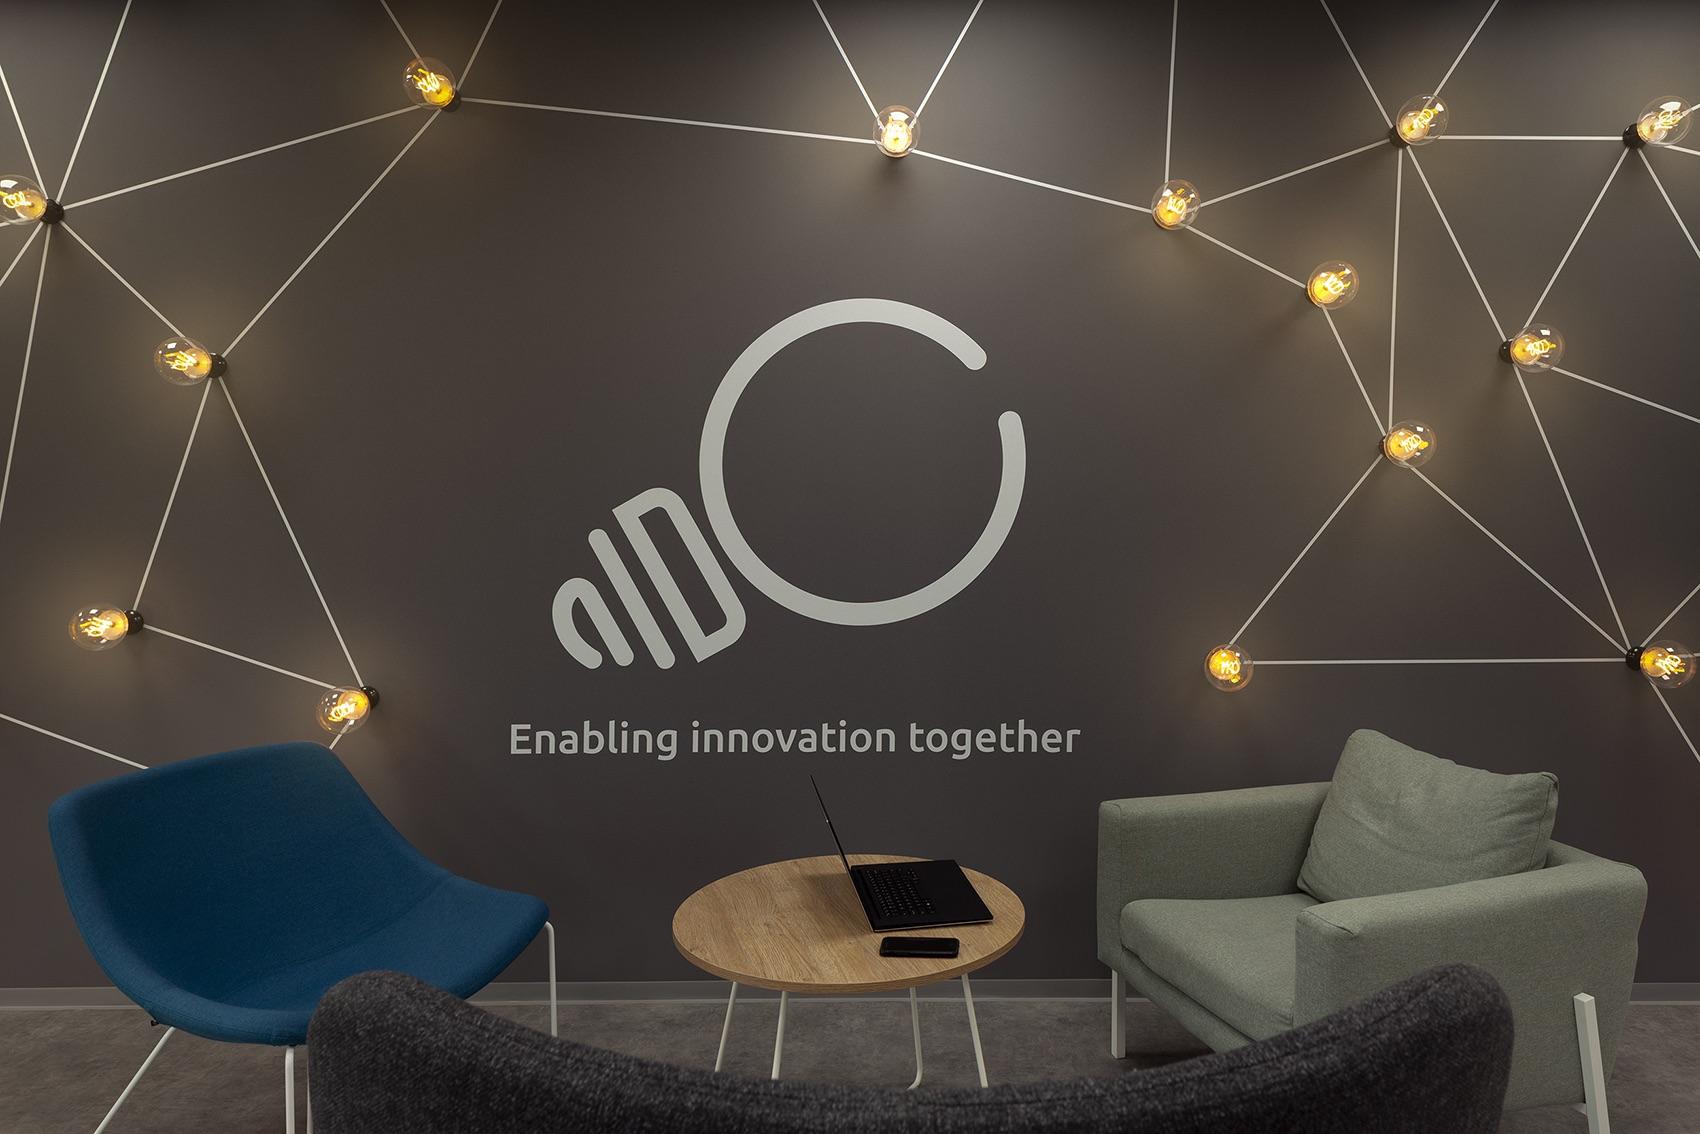 cache-atelier-interior-design-office-space-accedia-bulgaria-sofia_12